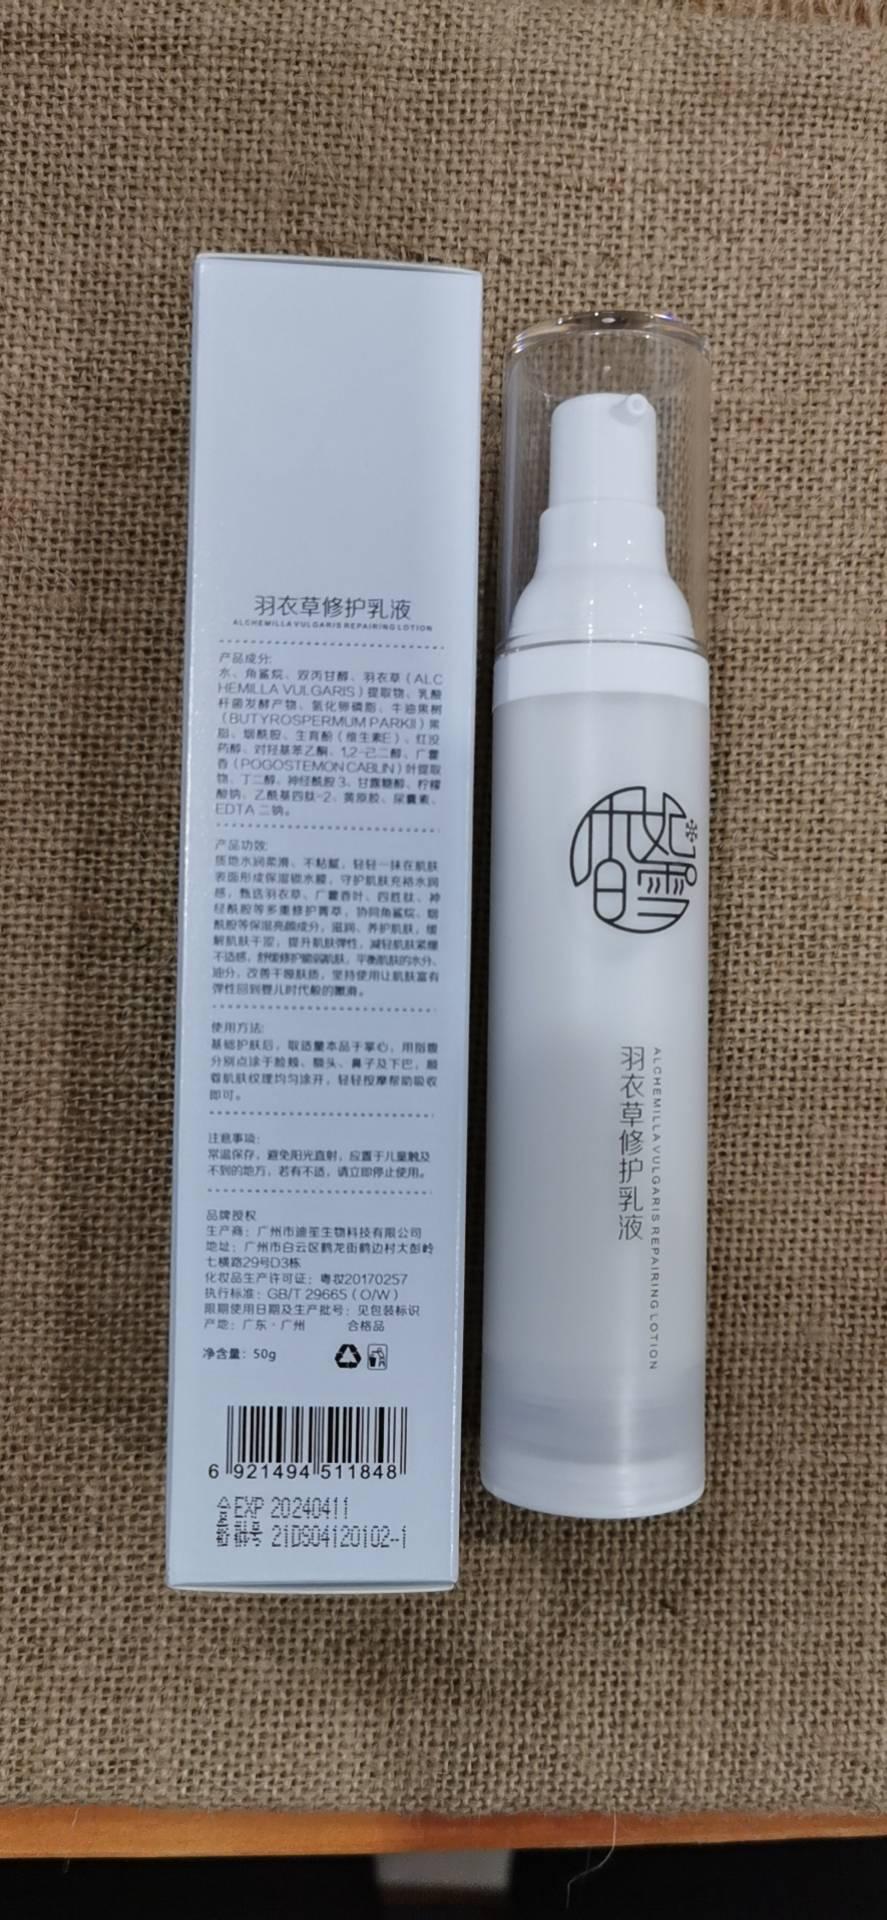 揭秘香妃雪羽衣草修复三件套的排毒原理,敏感肌肤能使用吗?